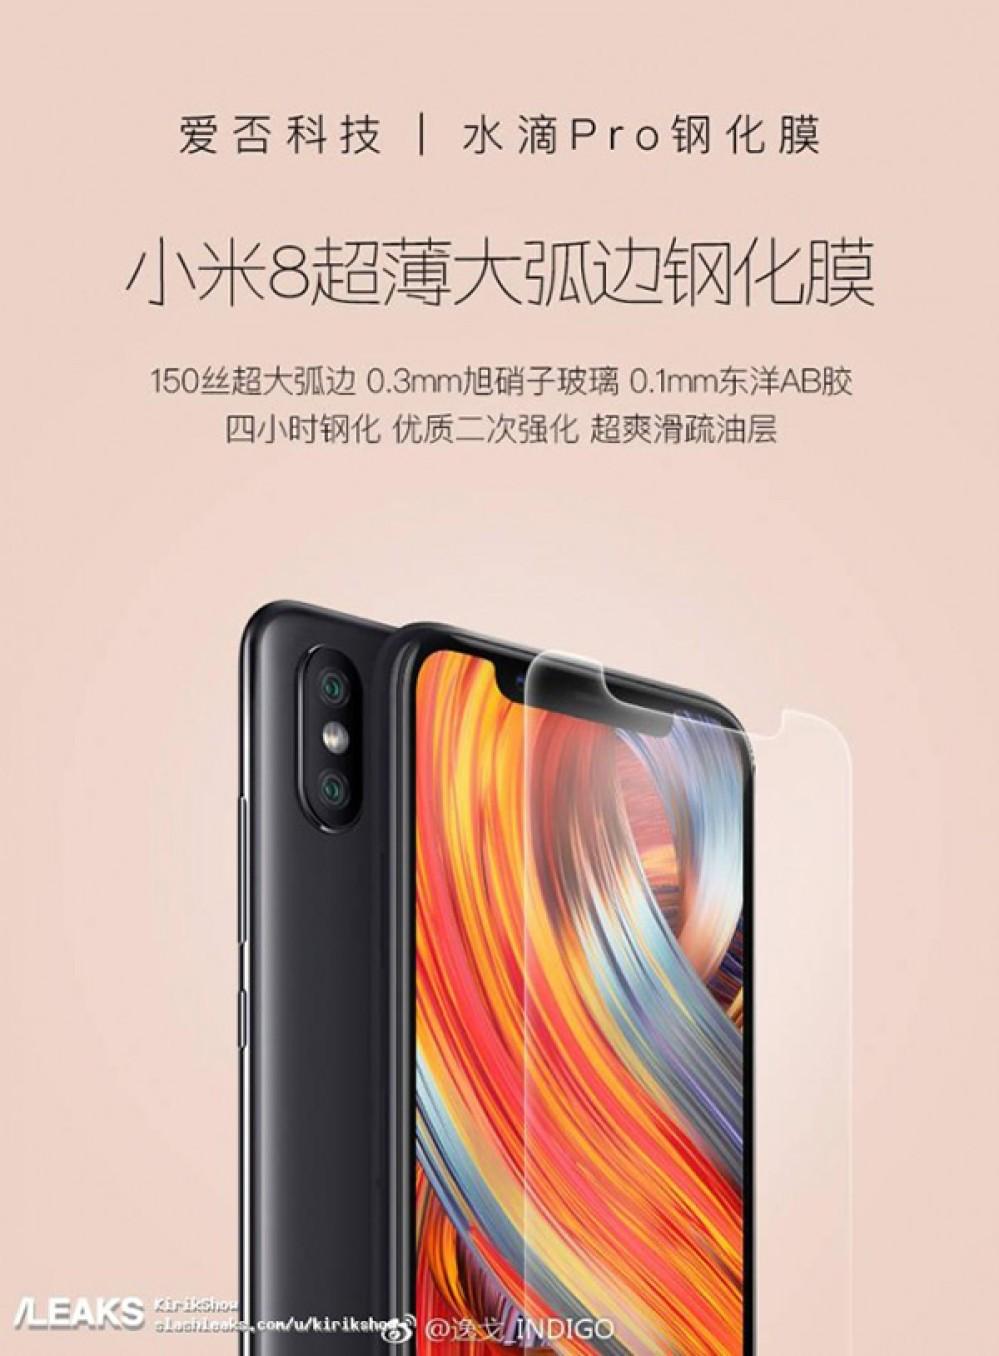 Xiaomi Mi 8: Η νέα διαρροή για το προστατευτικό της οθόνης μας αποκαλύπτει ξεκάθαρα τον σχεδιασμό του